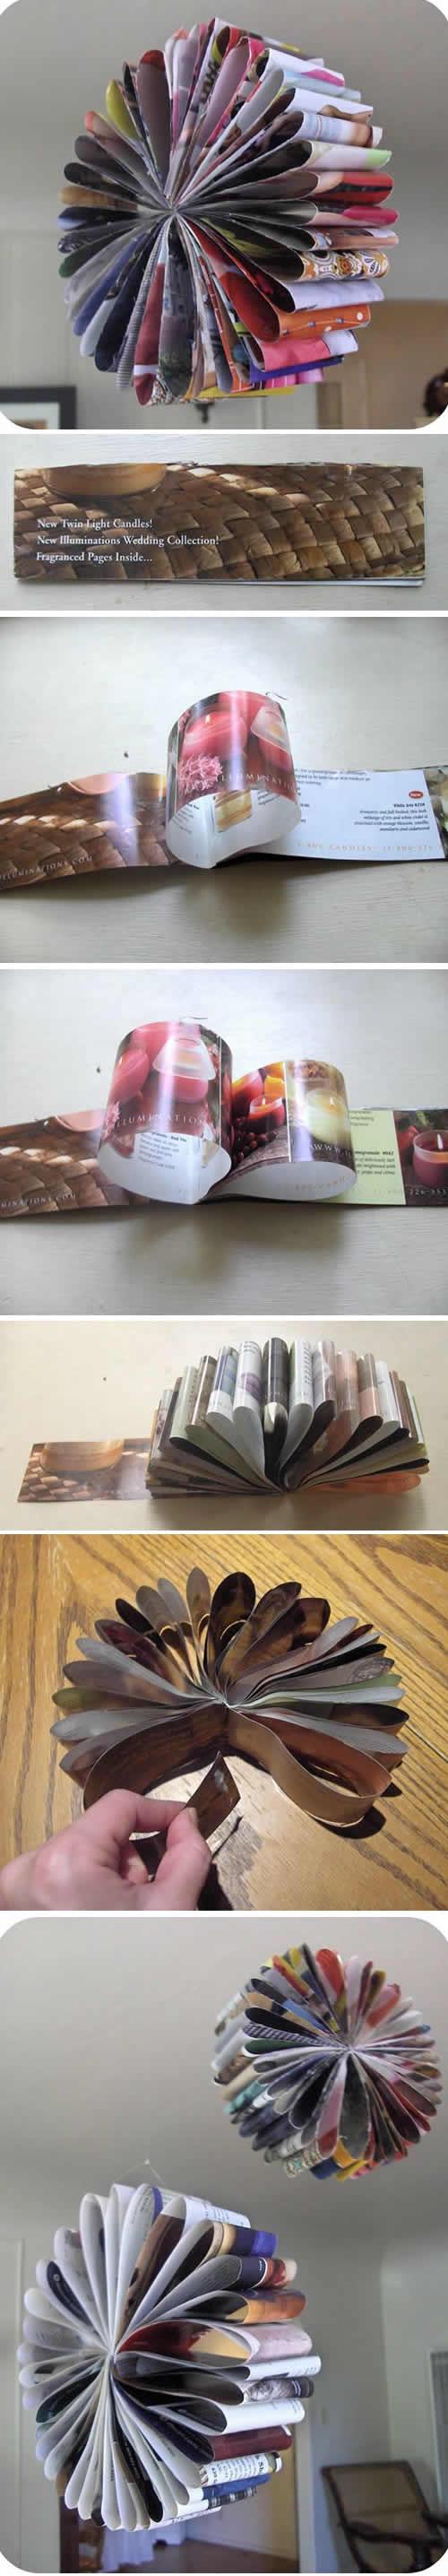 Artesanatos com Revistas Velhas passo a passo